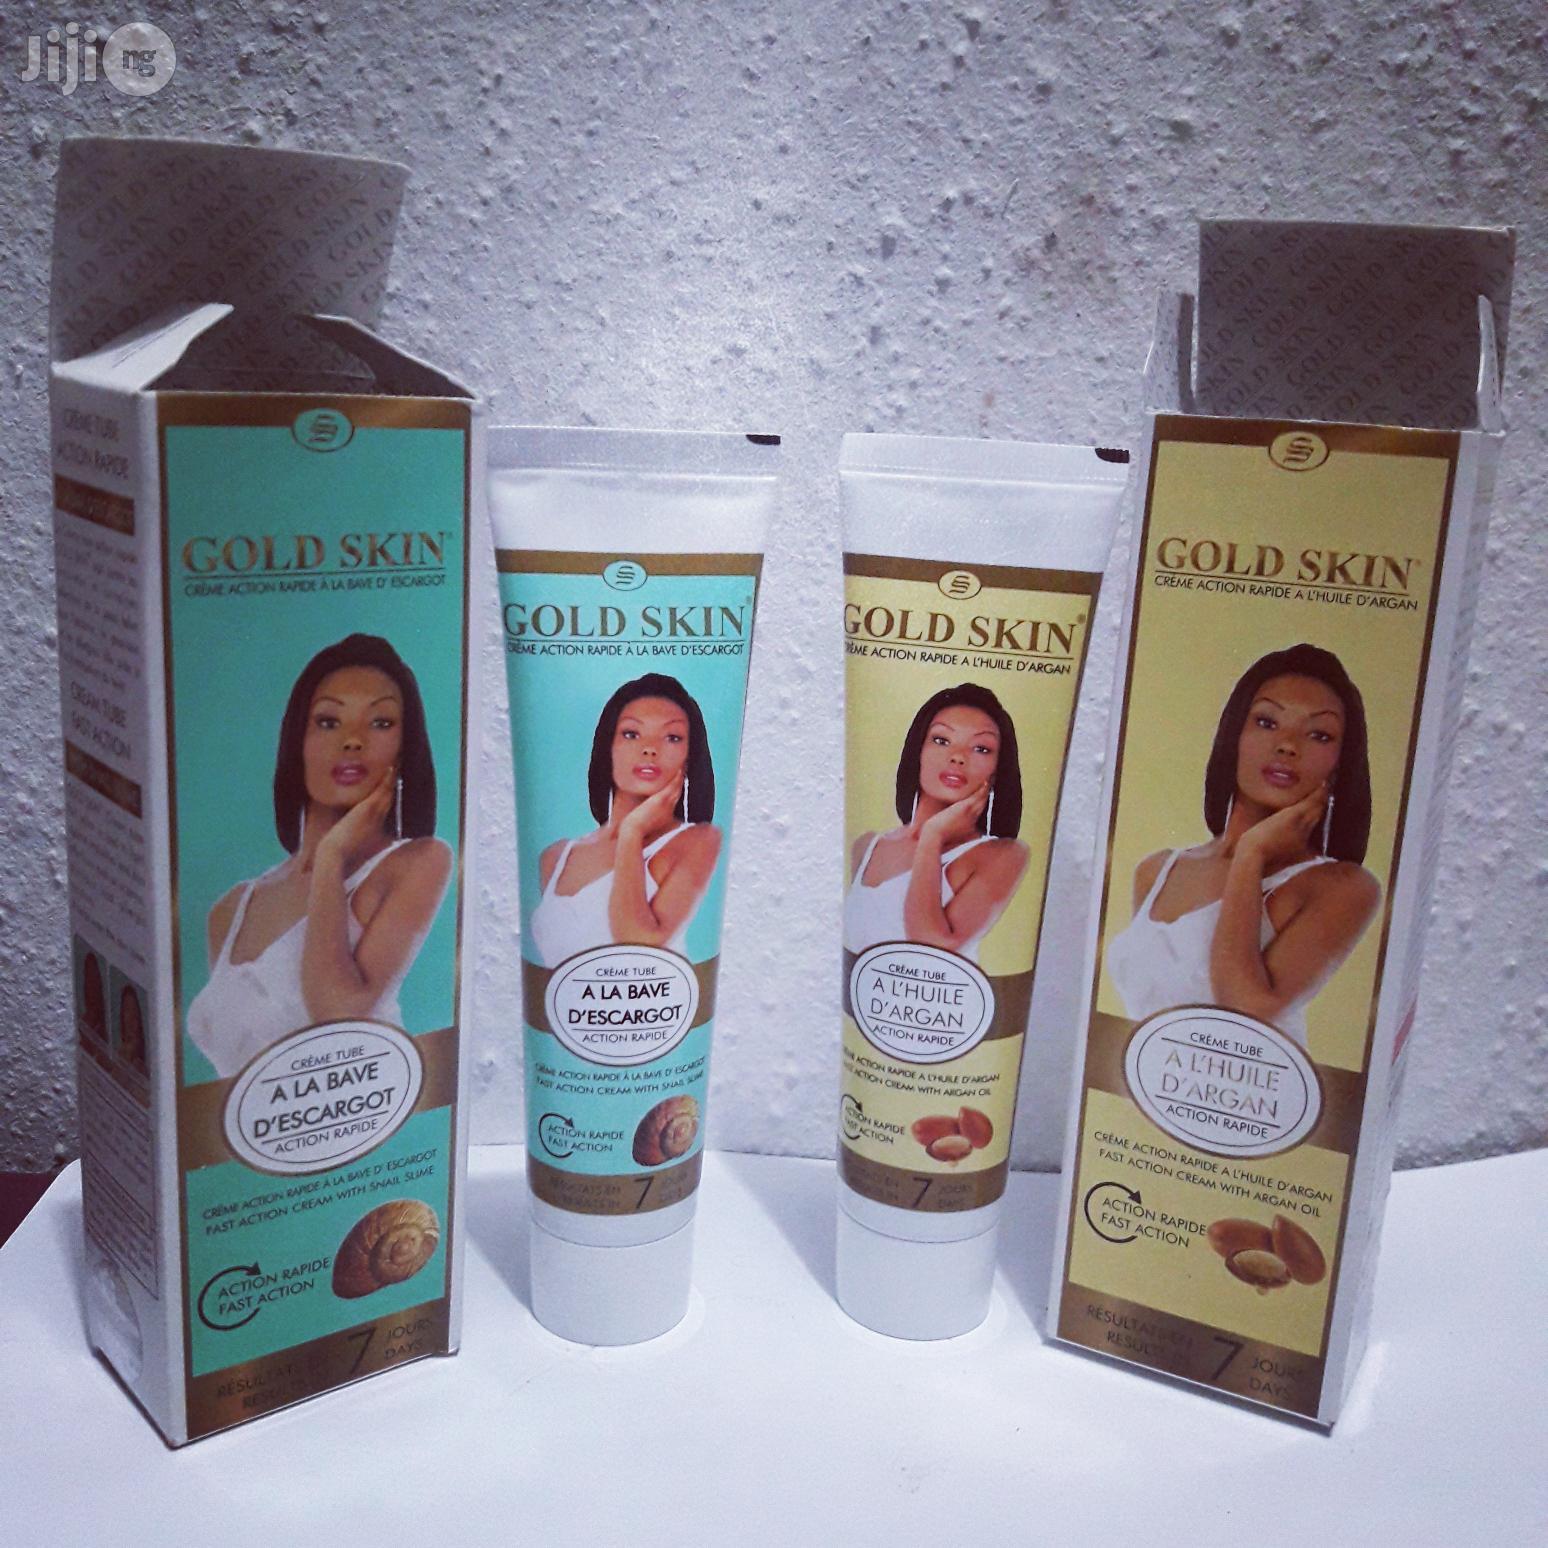 Archive: Gold Skin Cream Tube- Argan Oil/Snail Slime - 50G